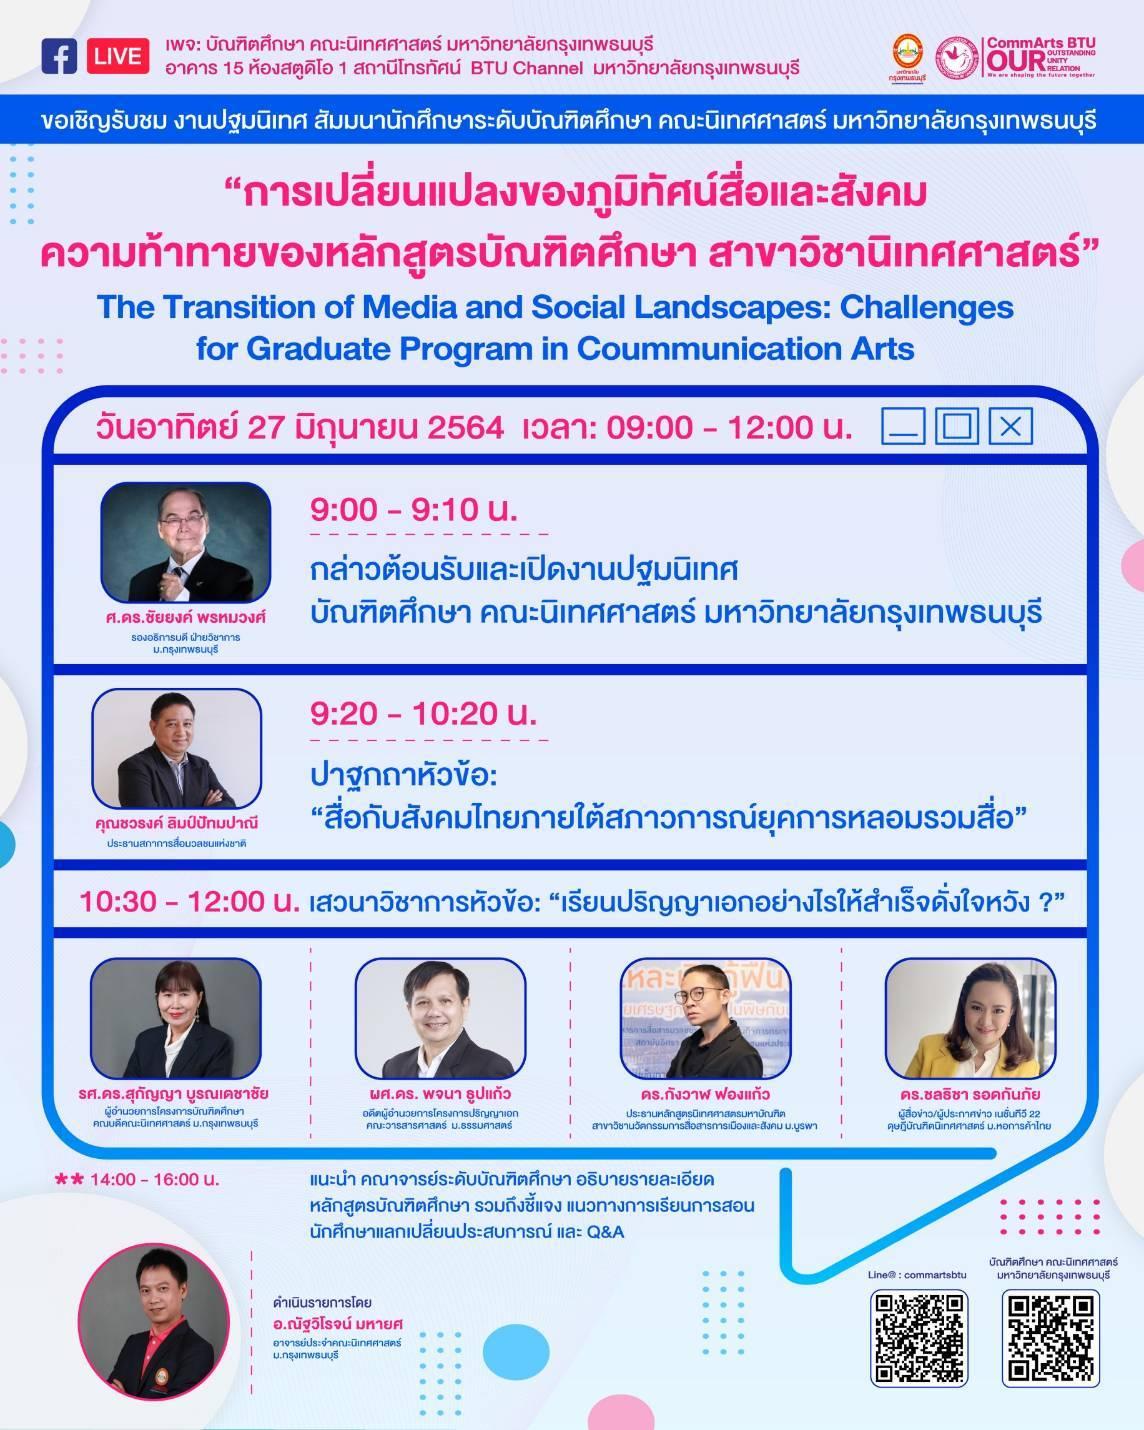 """นิเทศฯ กรุงเทพธนบุรี จัดสัมมนาออนไลน์ """"สื่อกับสังคมไทยยุคหลอมรวม"""""""